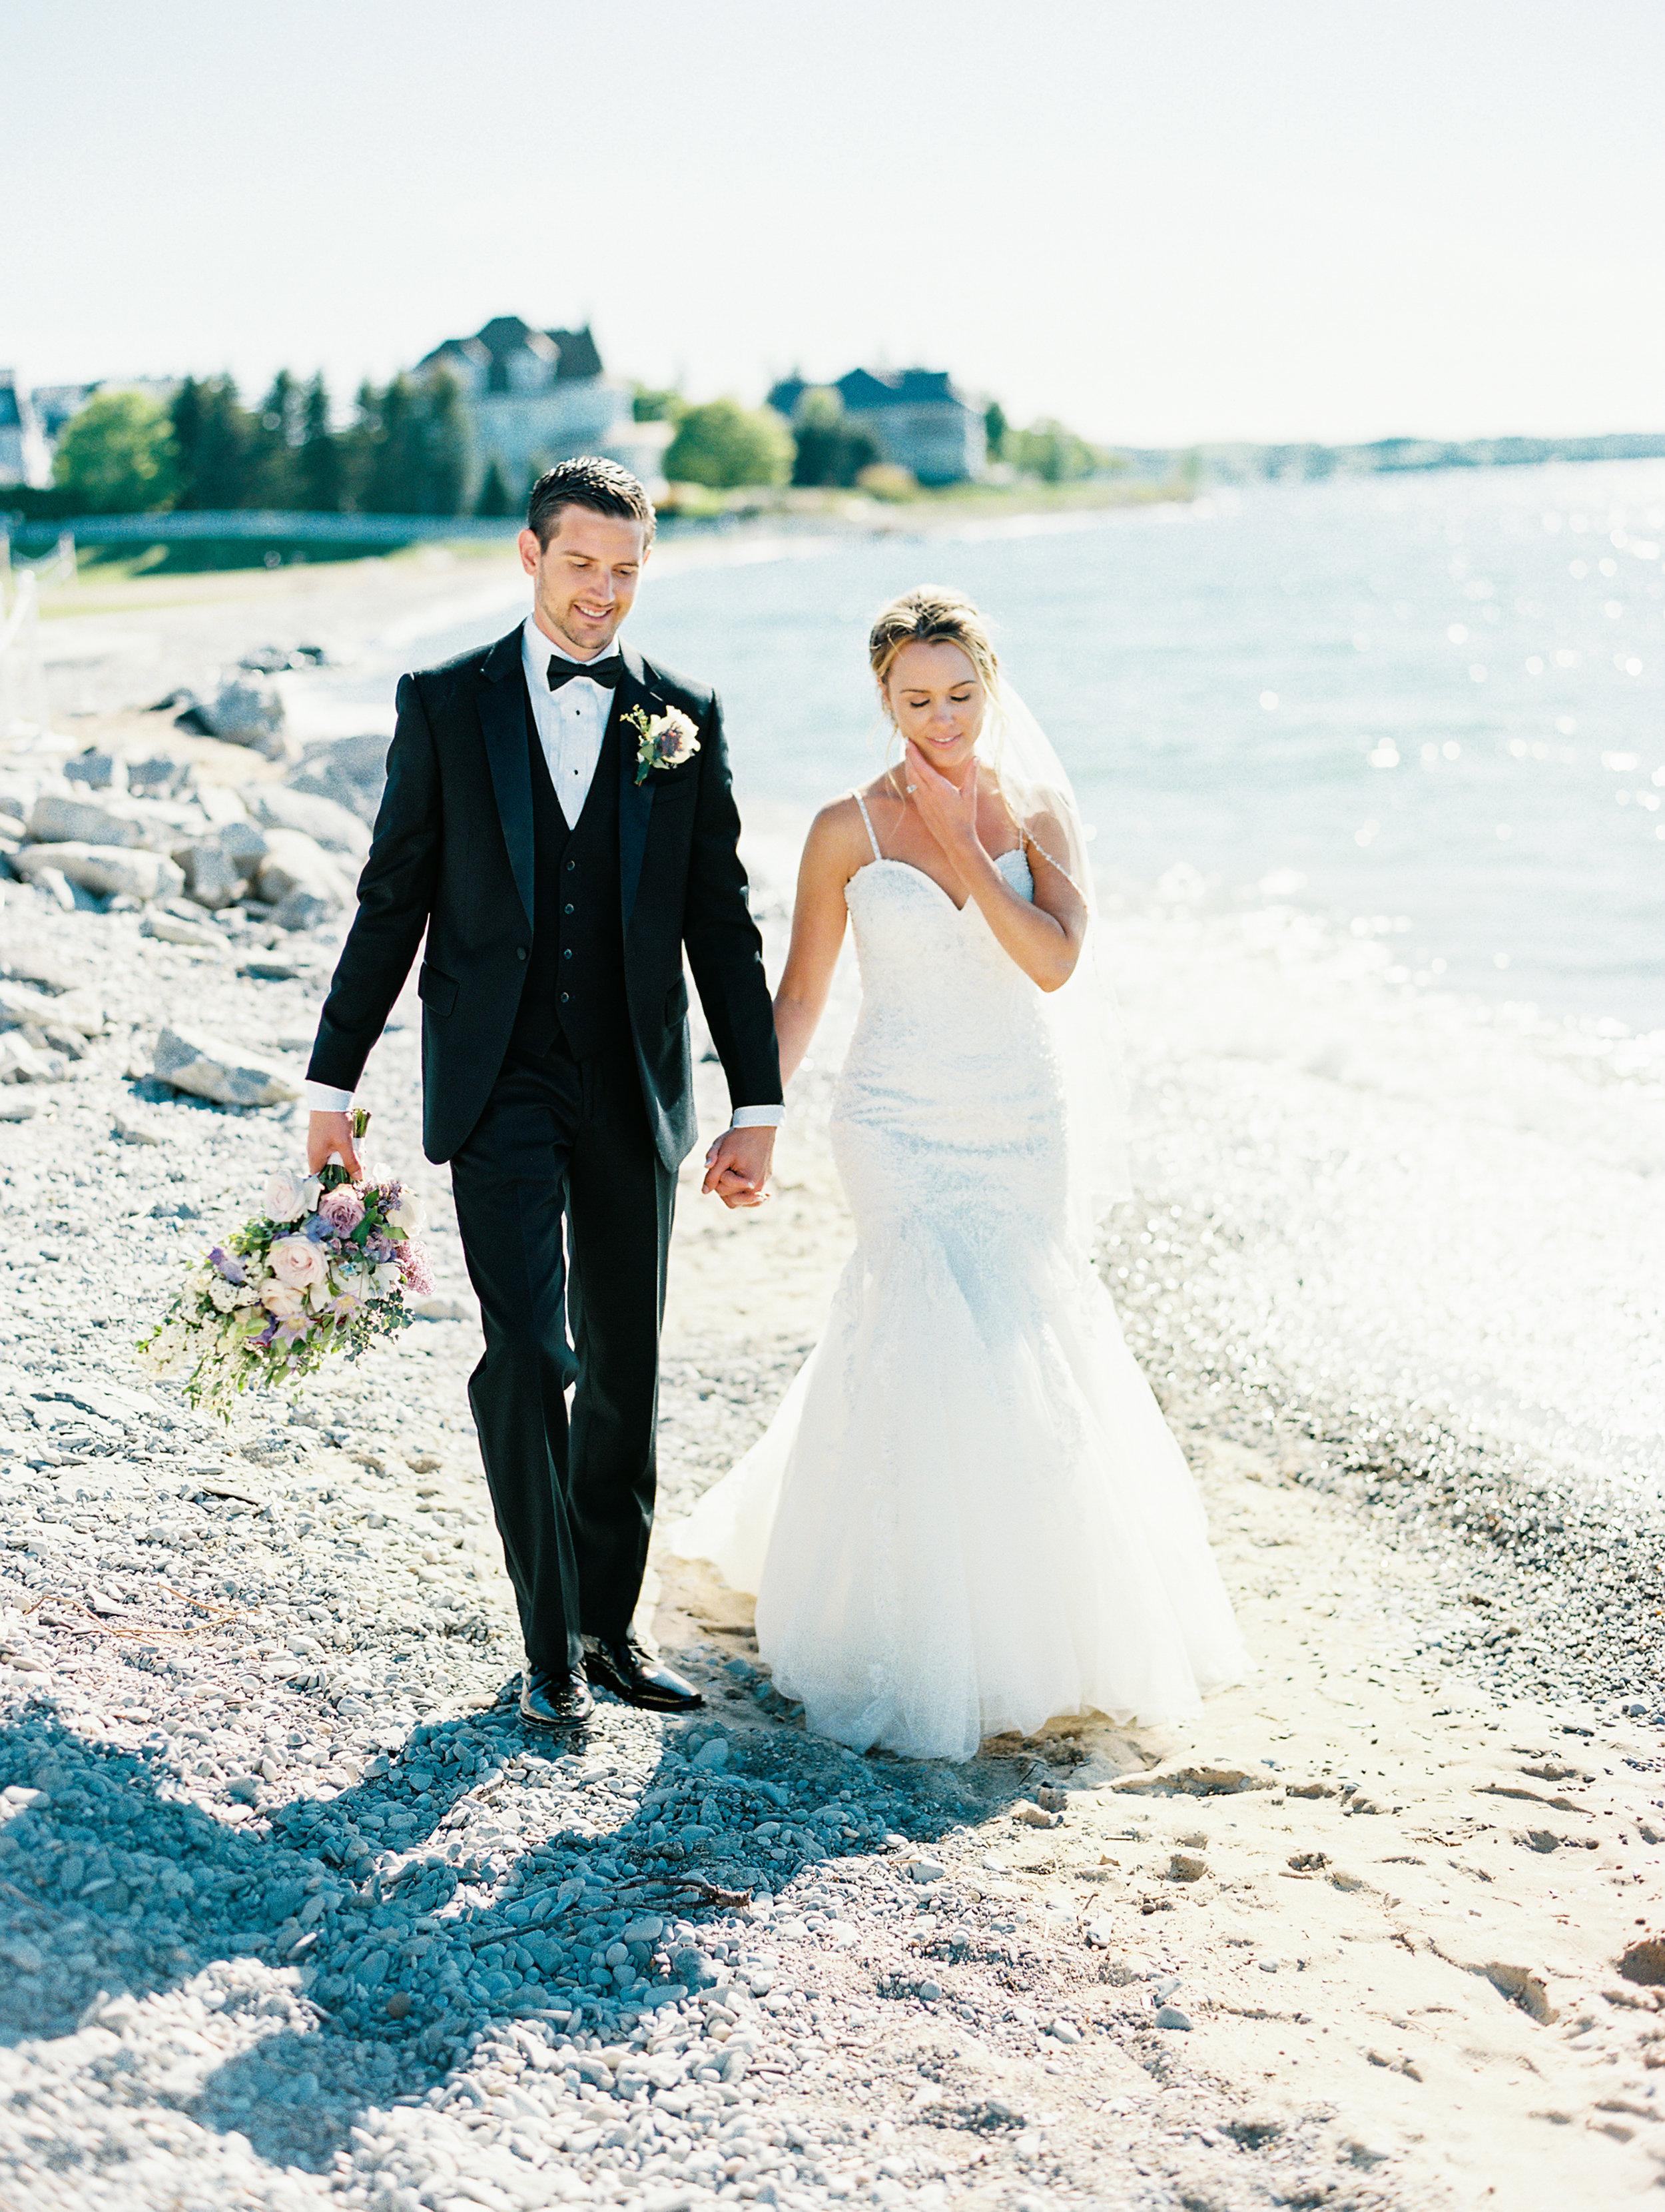 Noss+Wedding+Bride+Groom-75.jpg